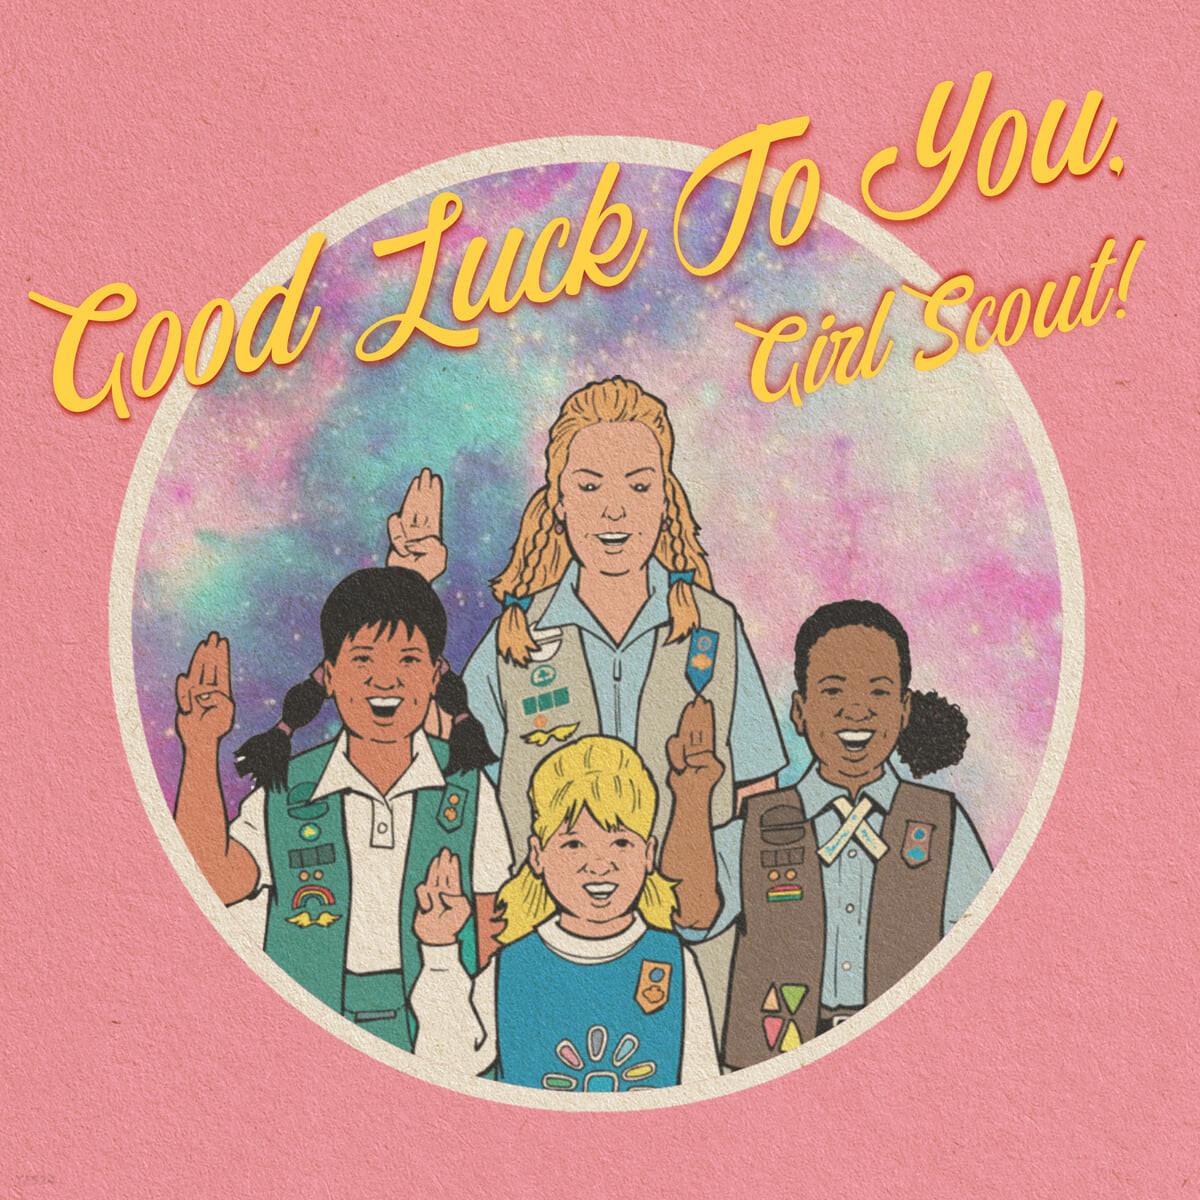 검정치마 (The Black Skirts) - Good Luck To You, Girl Scout! [미니CD]